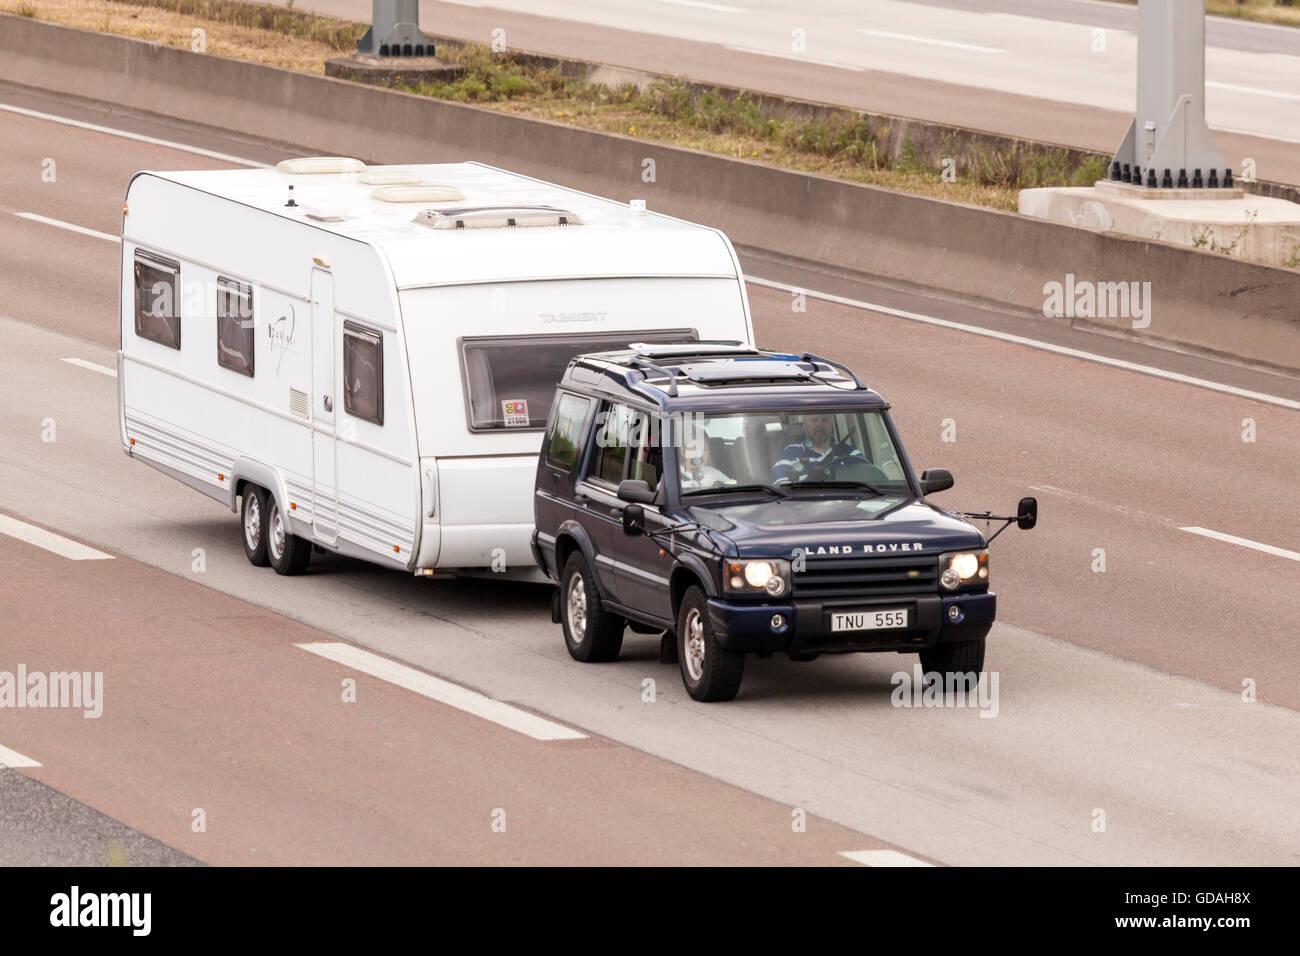 Land Rover Discovery Remolcando Una Caravana Foto Imagen De Stock